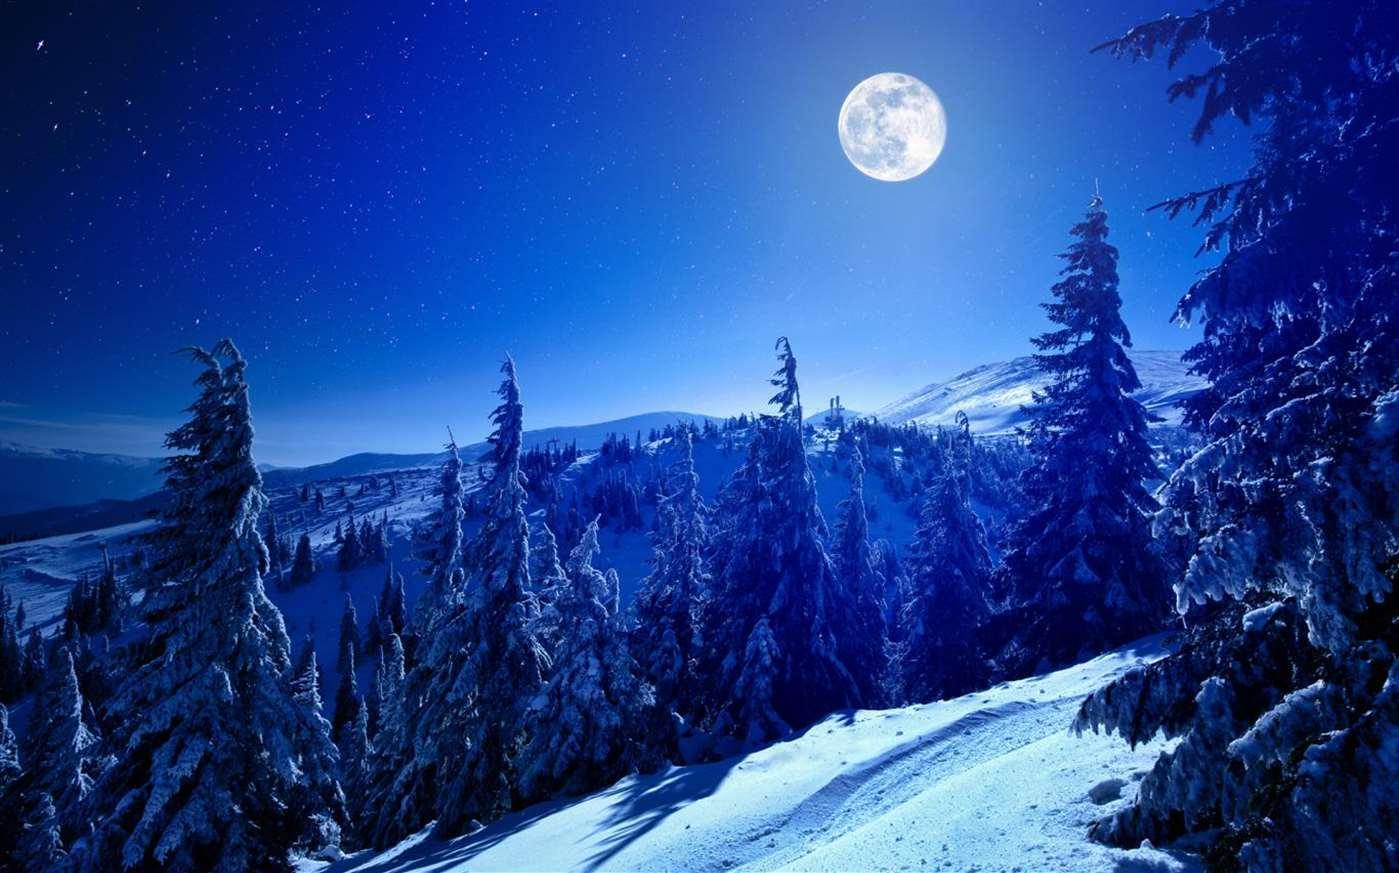 Win10发布最新主题:雪山 冰冻的艺术 罂粟花地带 天际之上的照片 - 1